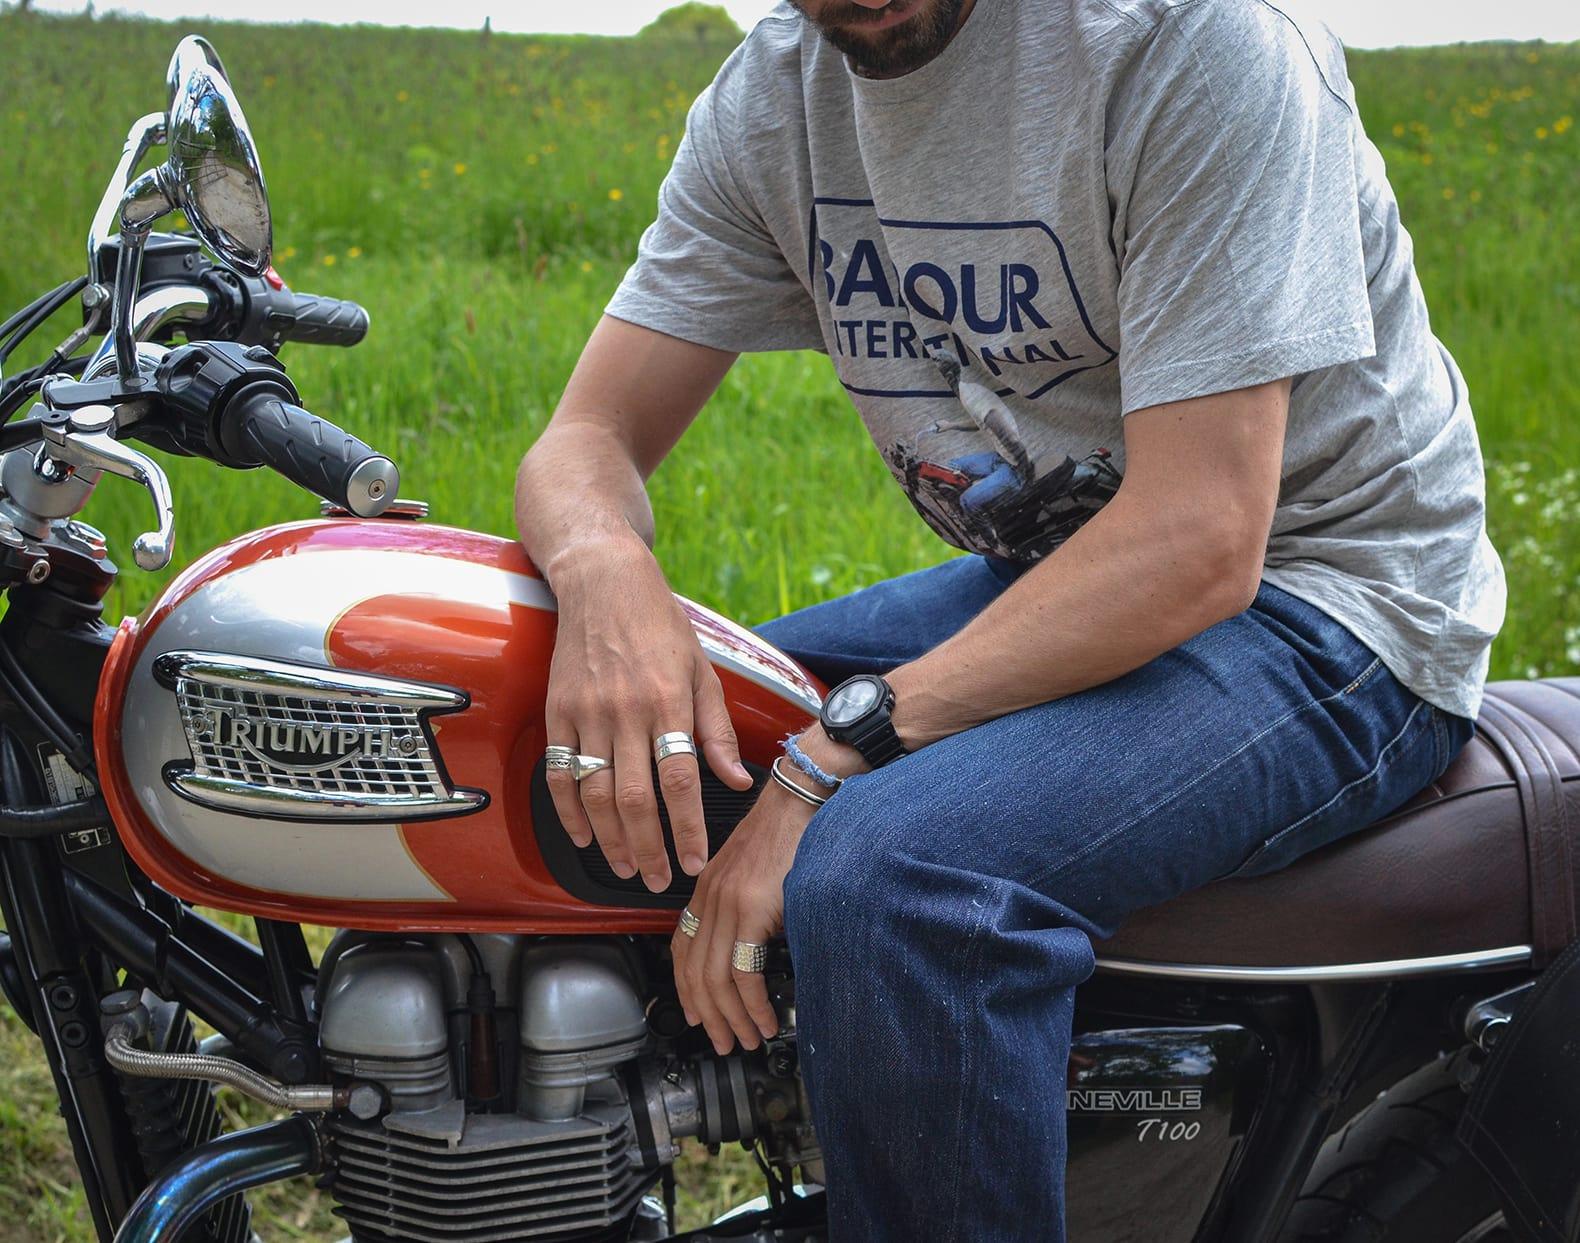 photo sur une triumph 900 Bonneville t100 en tee Barbour